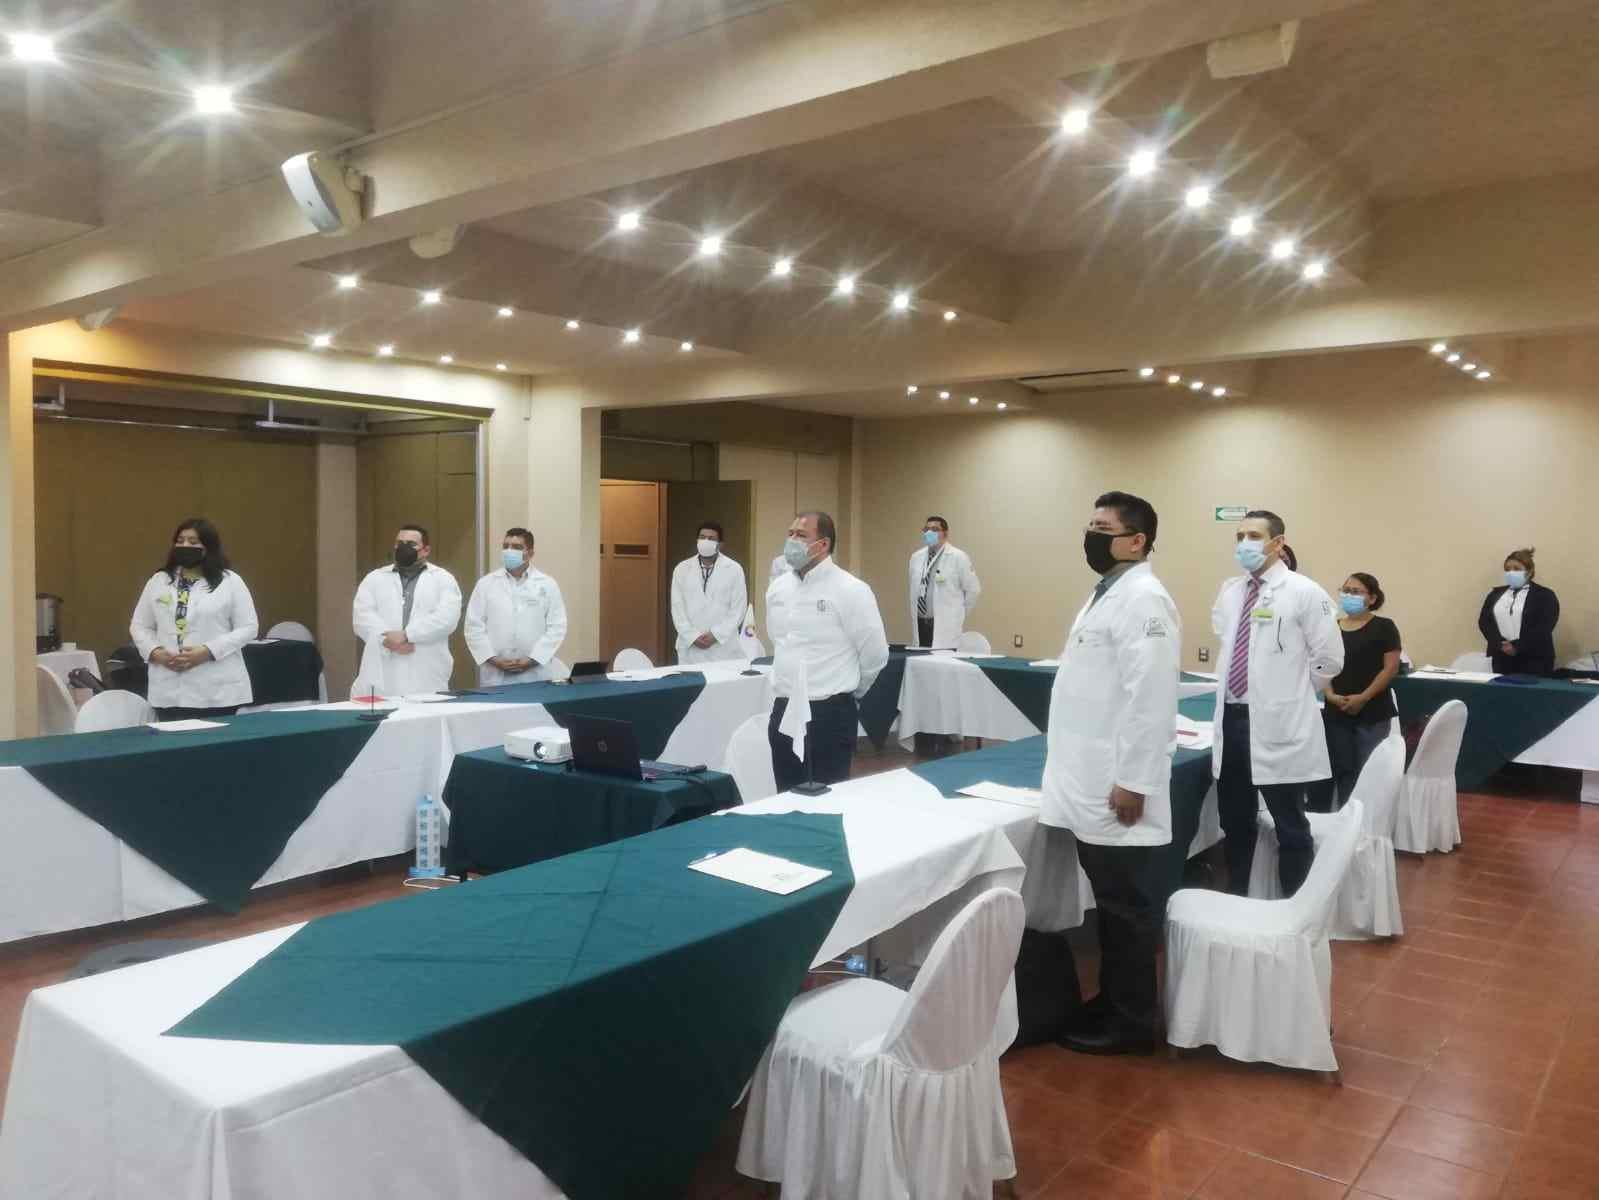 CAPACITAN A DIRECTORES DE HOSPITALES DEL IMSS